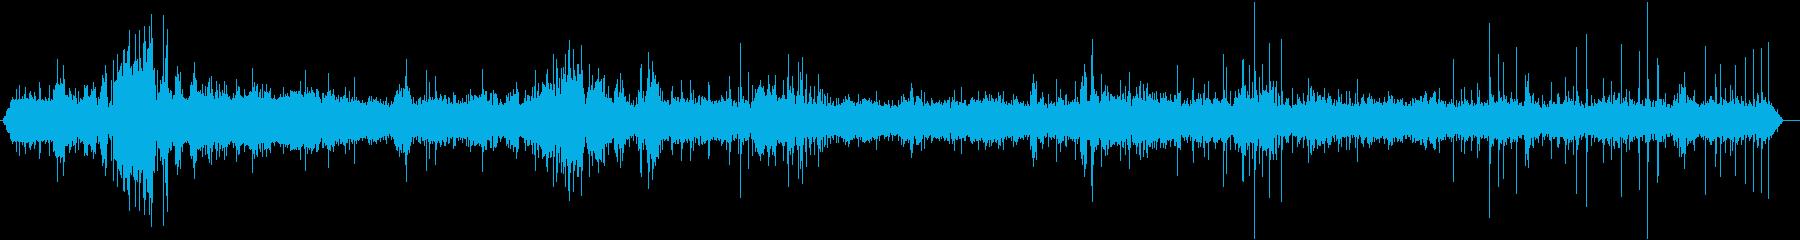 マーケットプレイス、アウトドア、ア...の再生済みの波形